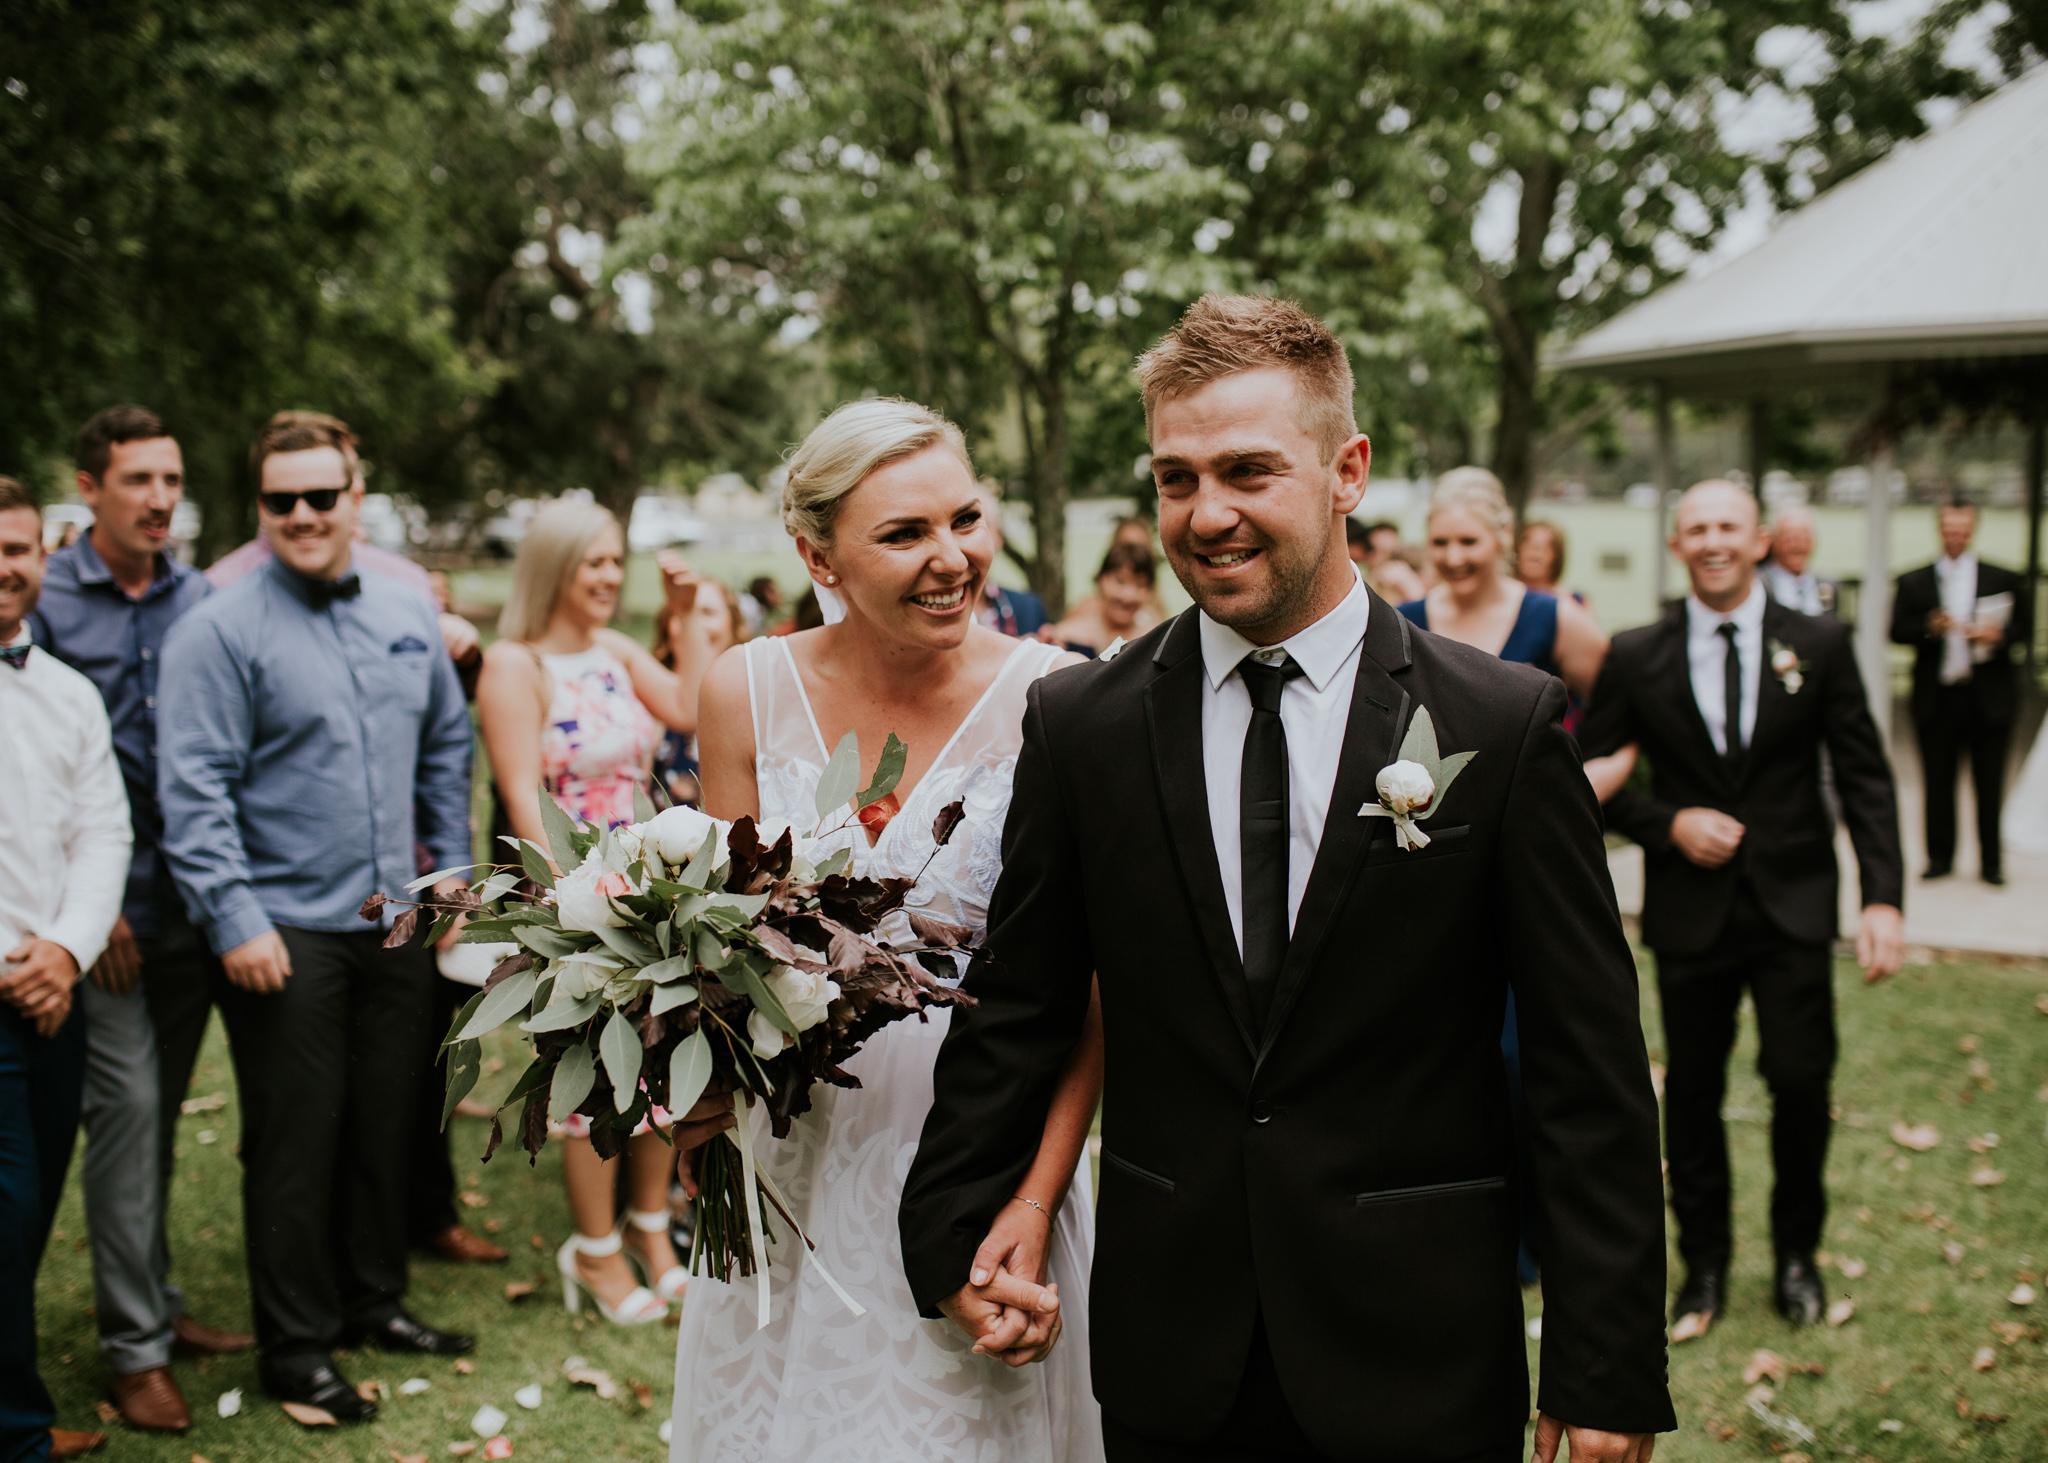 Lucy+Kyle+Kiama+Sebel+wedding-83.jpg